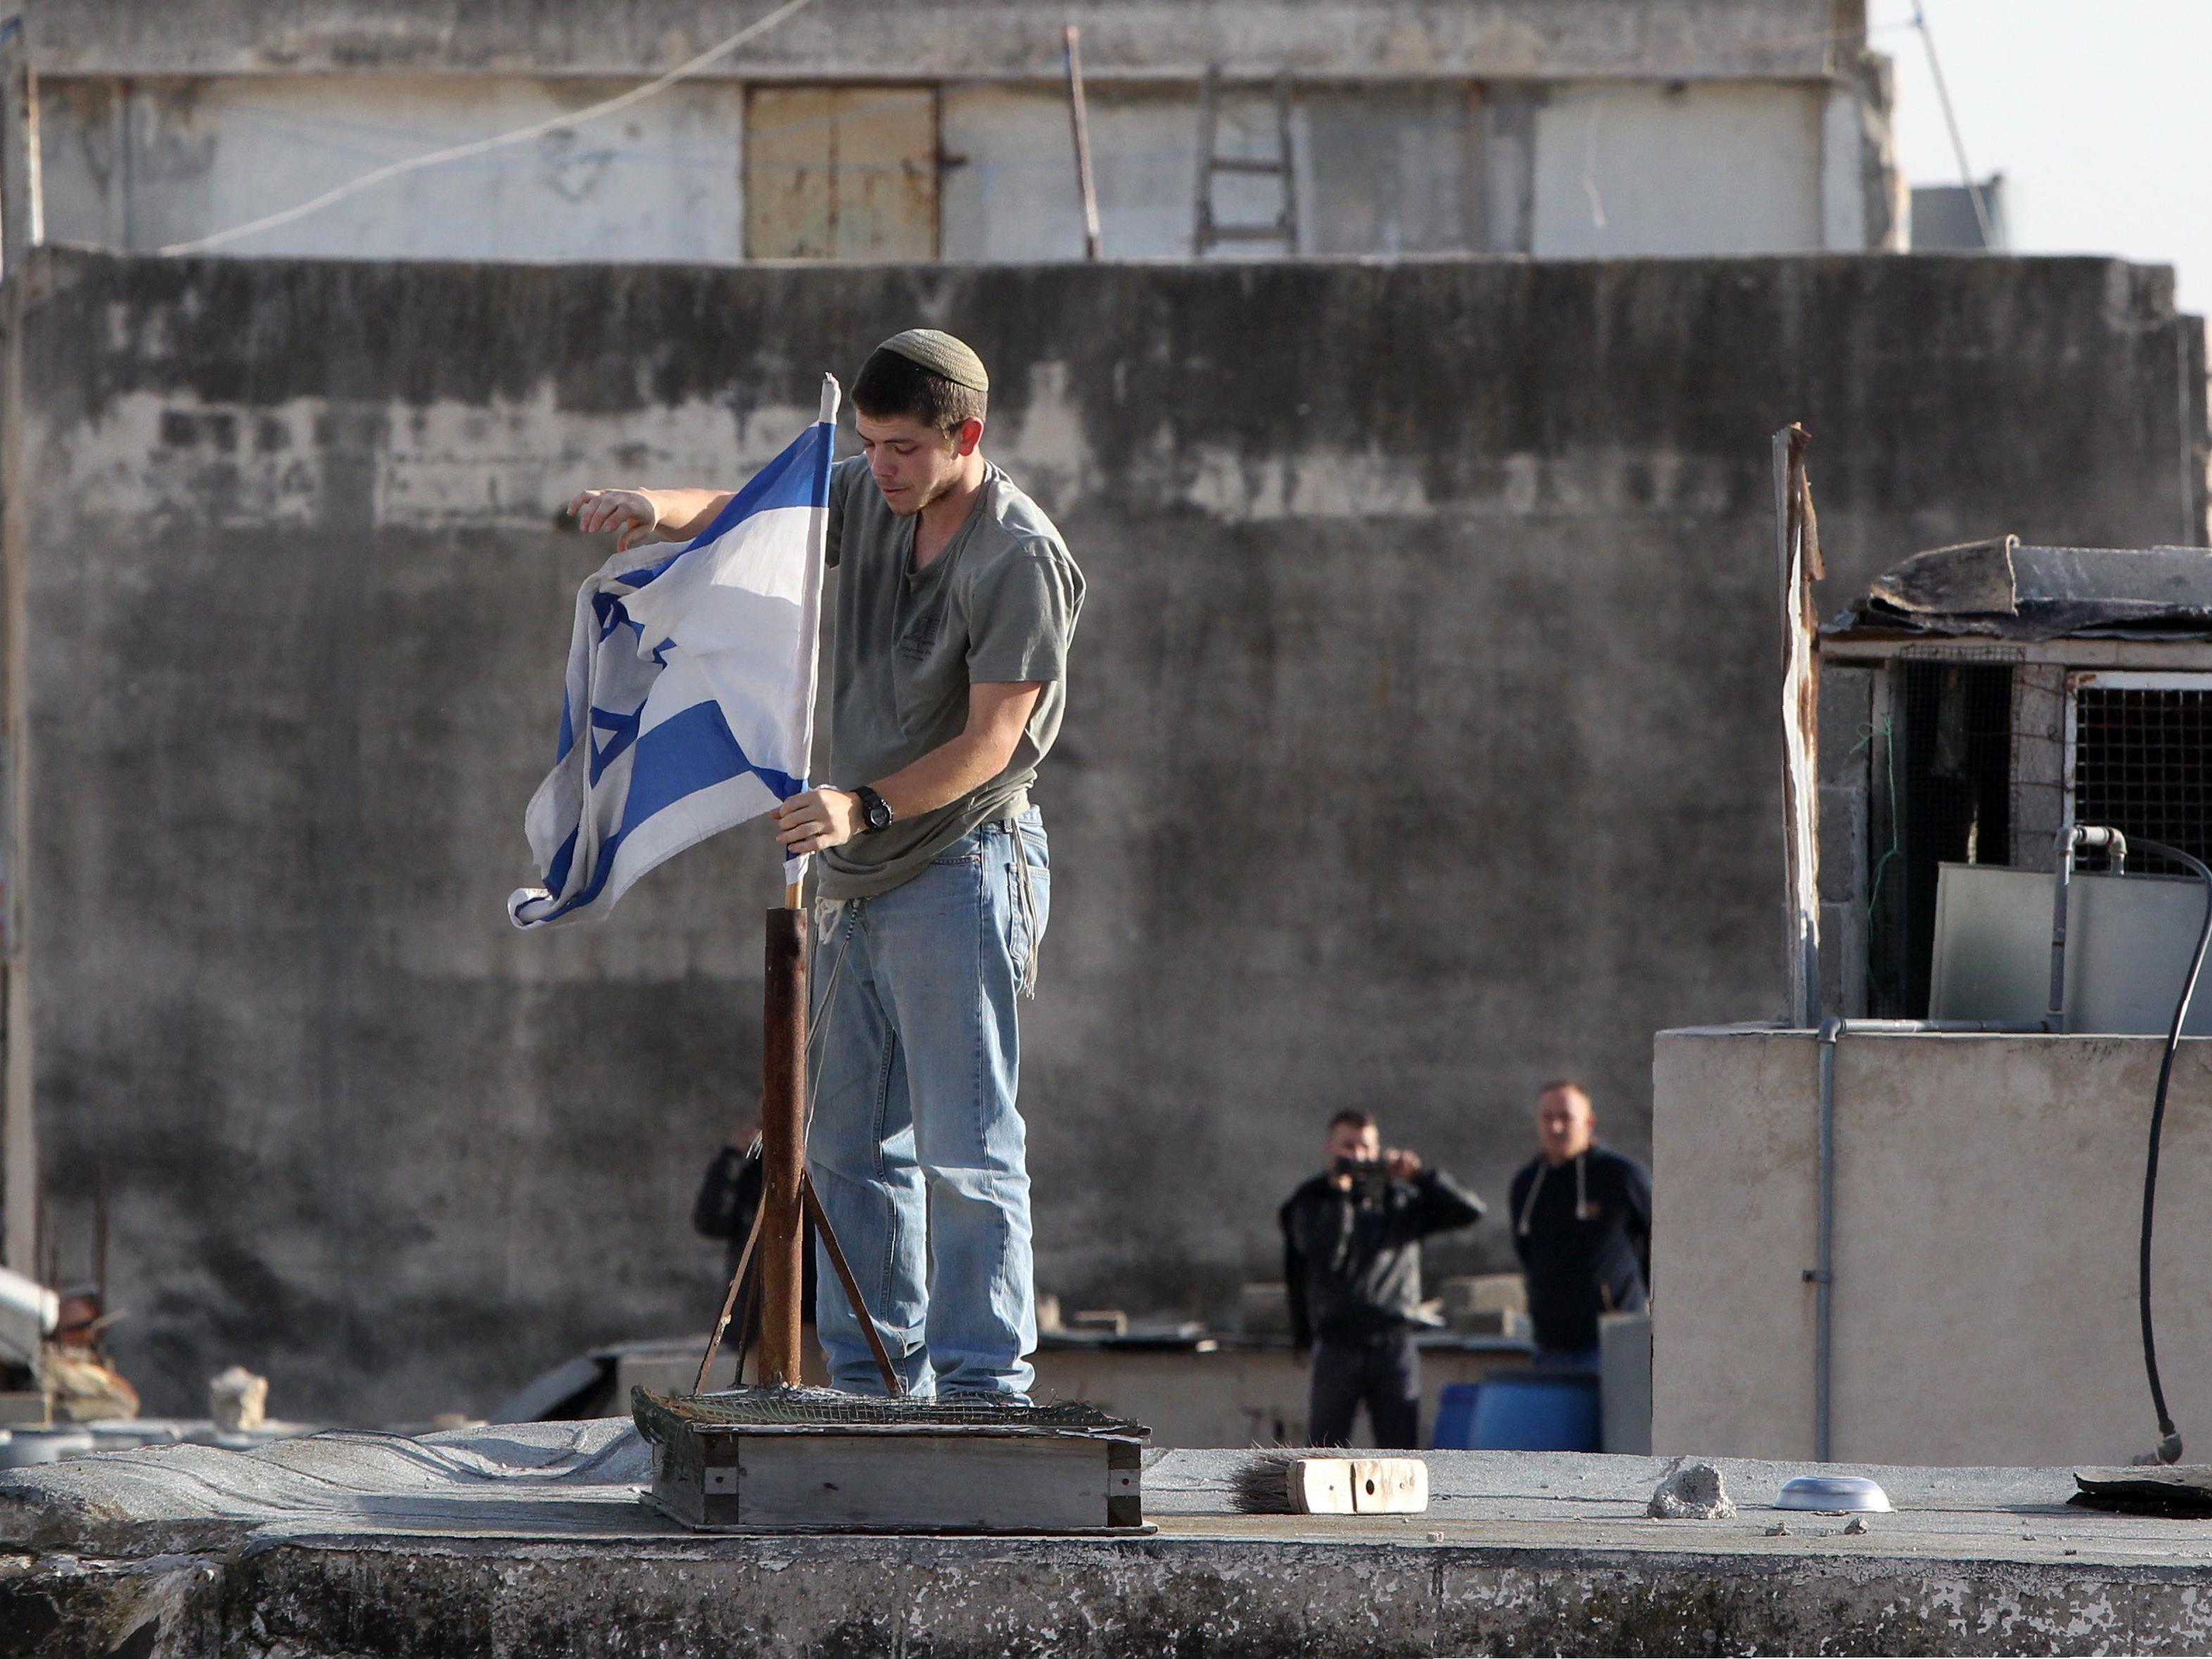 Neue Zusammenstöße zwischen Palästinensern und israelischen Siedlern.